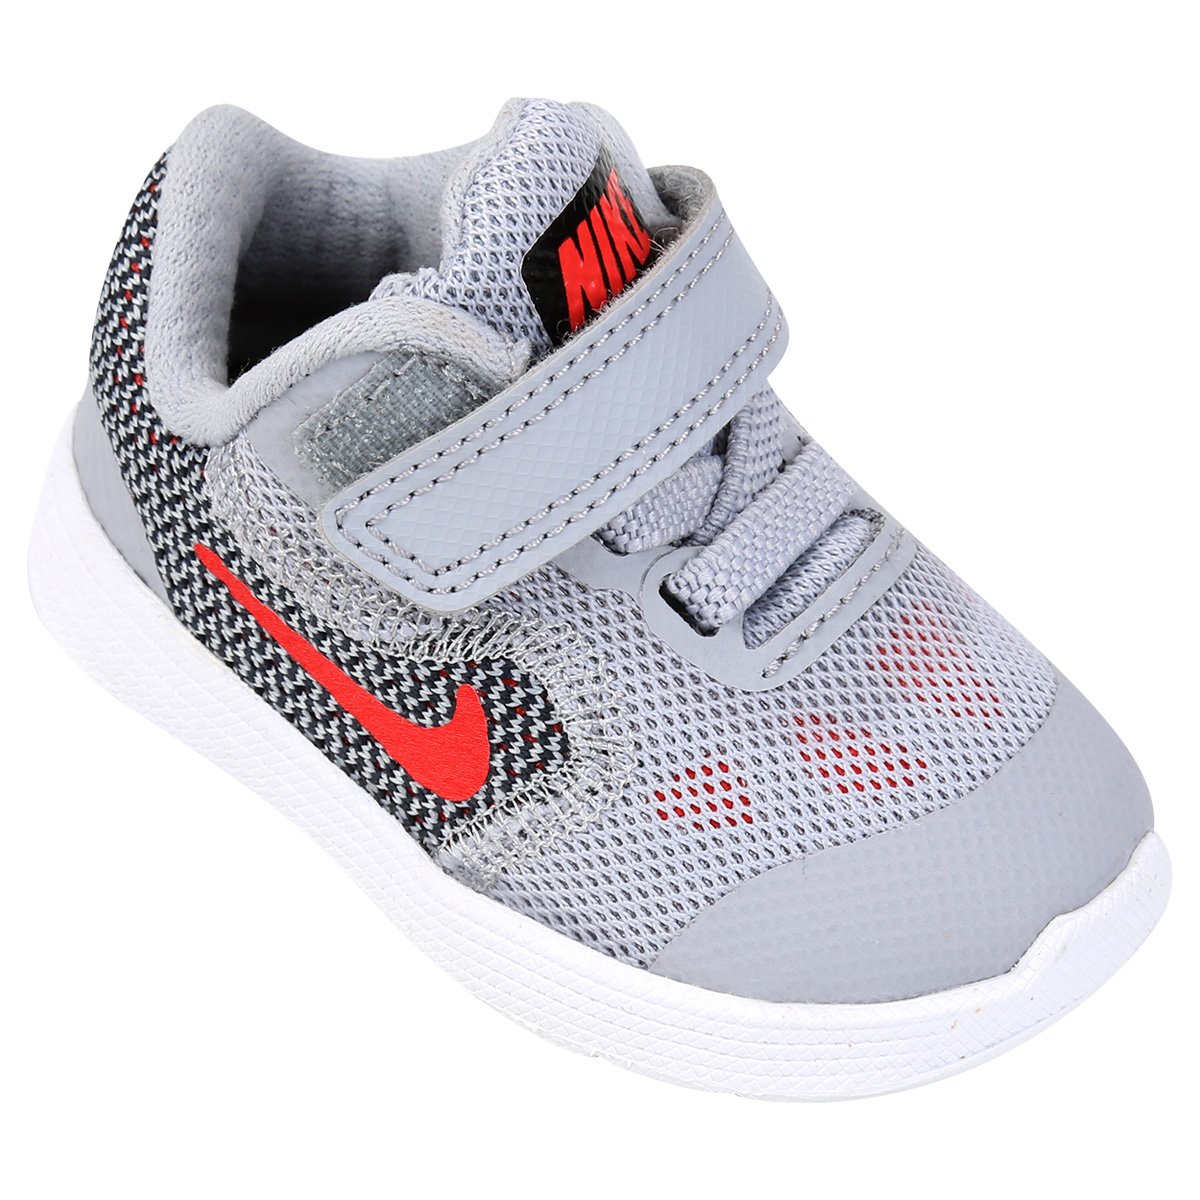 2a03c02f01 Tênis Infantil Nike Revolution 3 - Cinza e Vermelho - Compre Agora ...